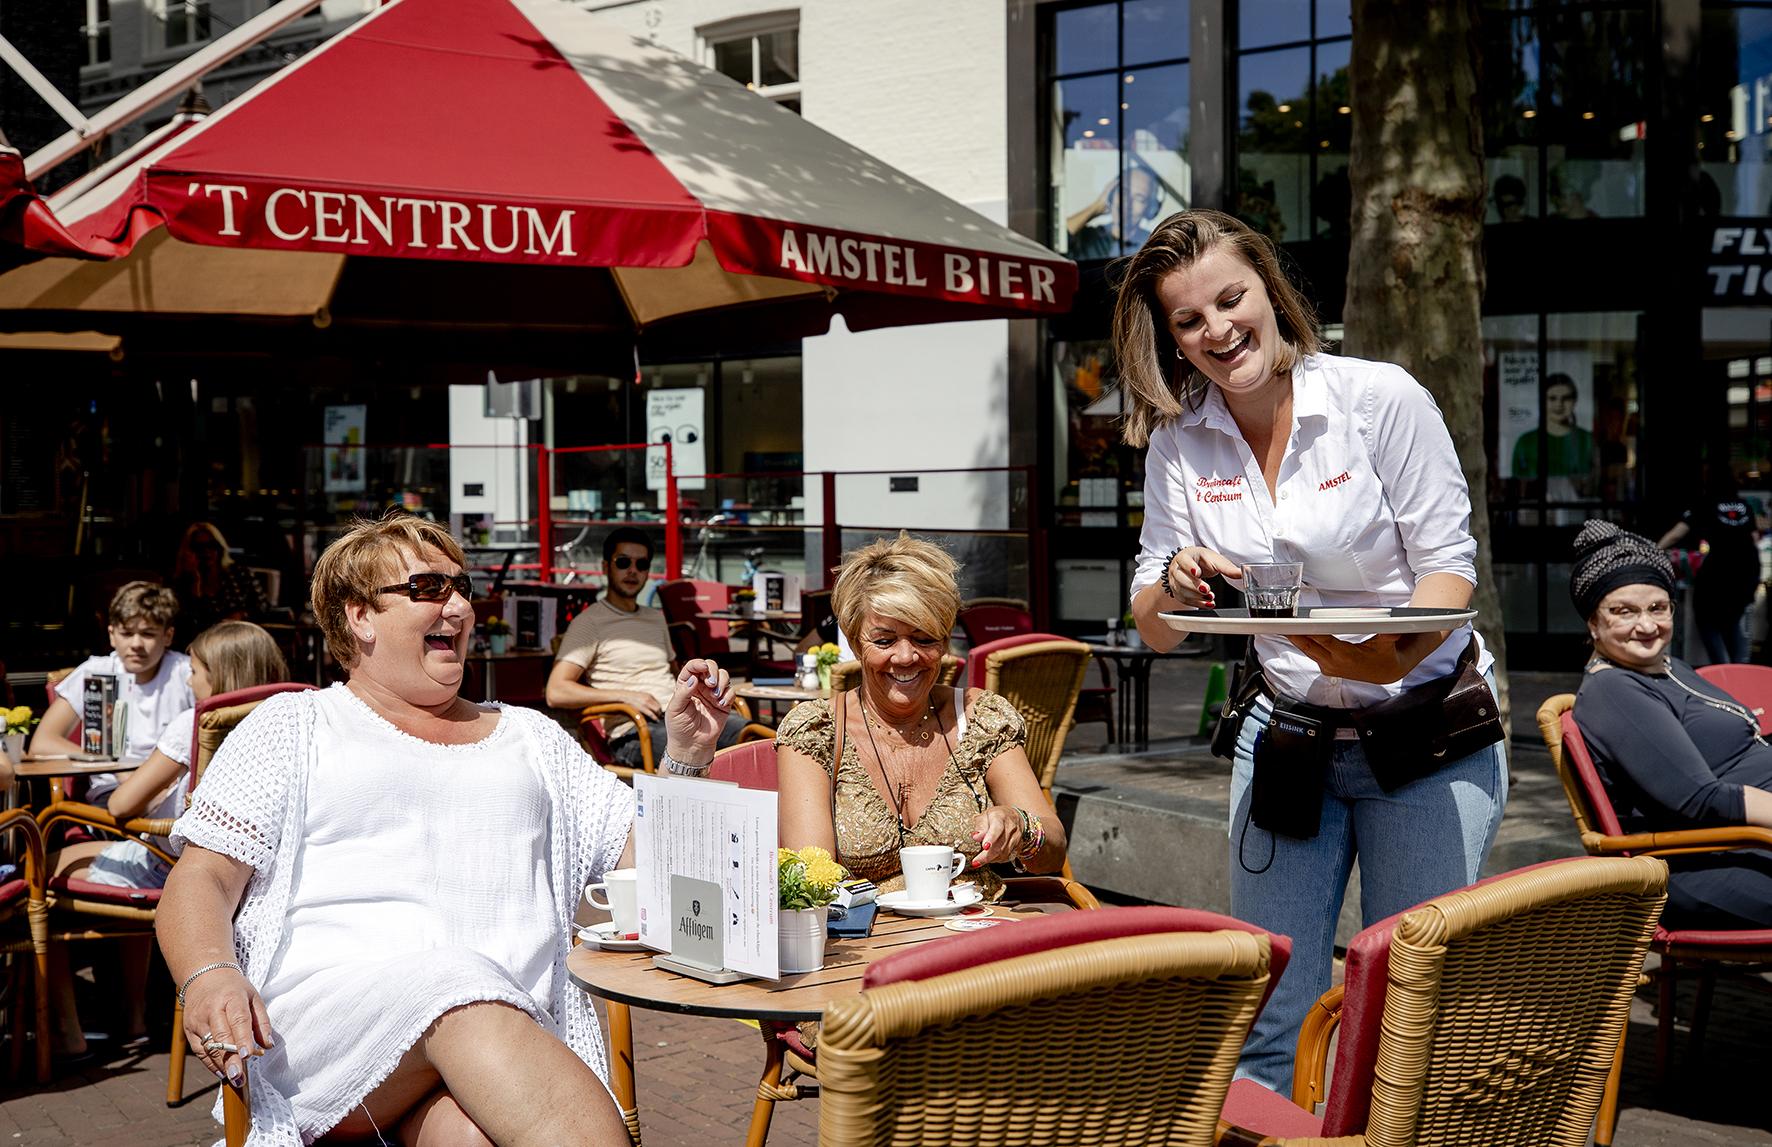 Op deze foto zie je mensen op een terrasje zitten op het Rembrandtplein in Amsterdam